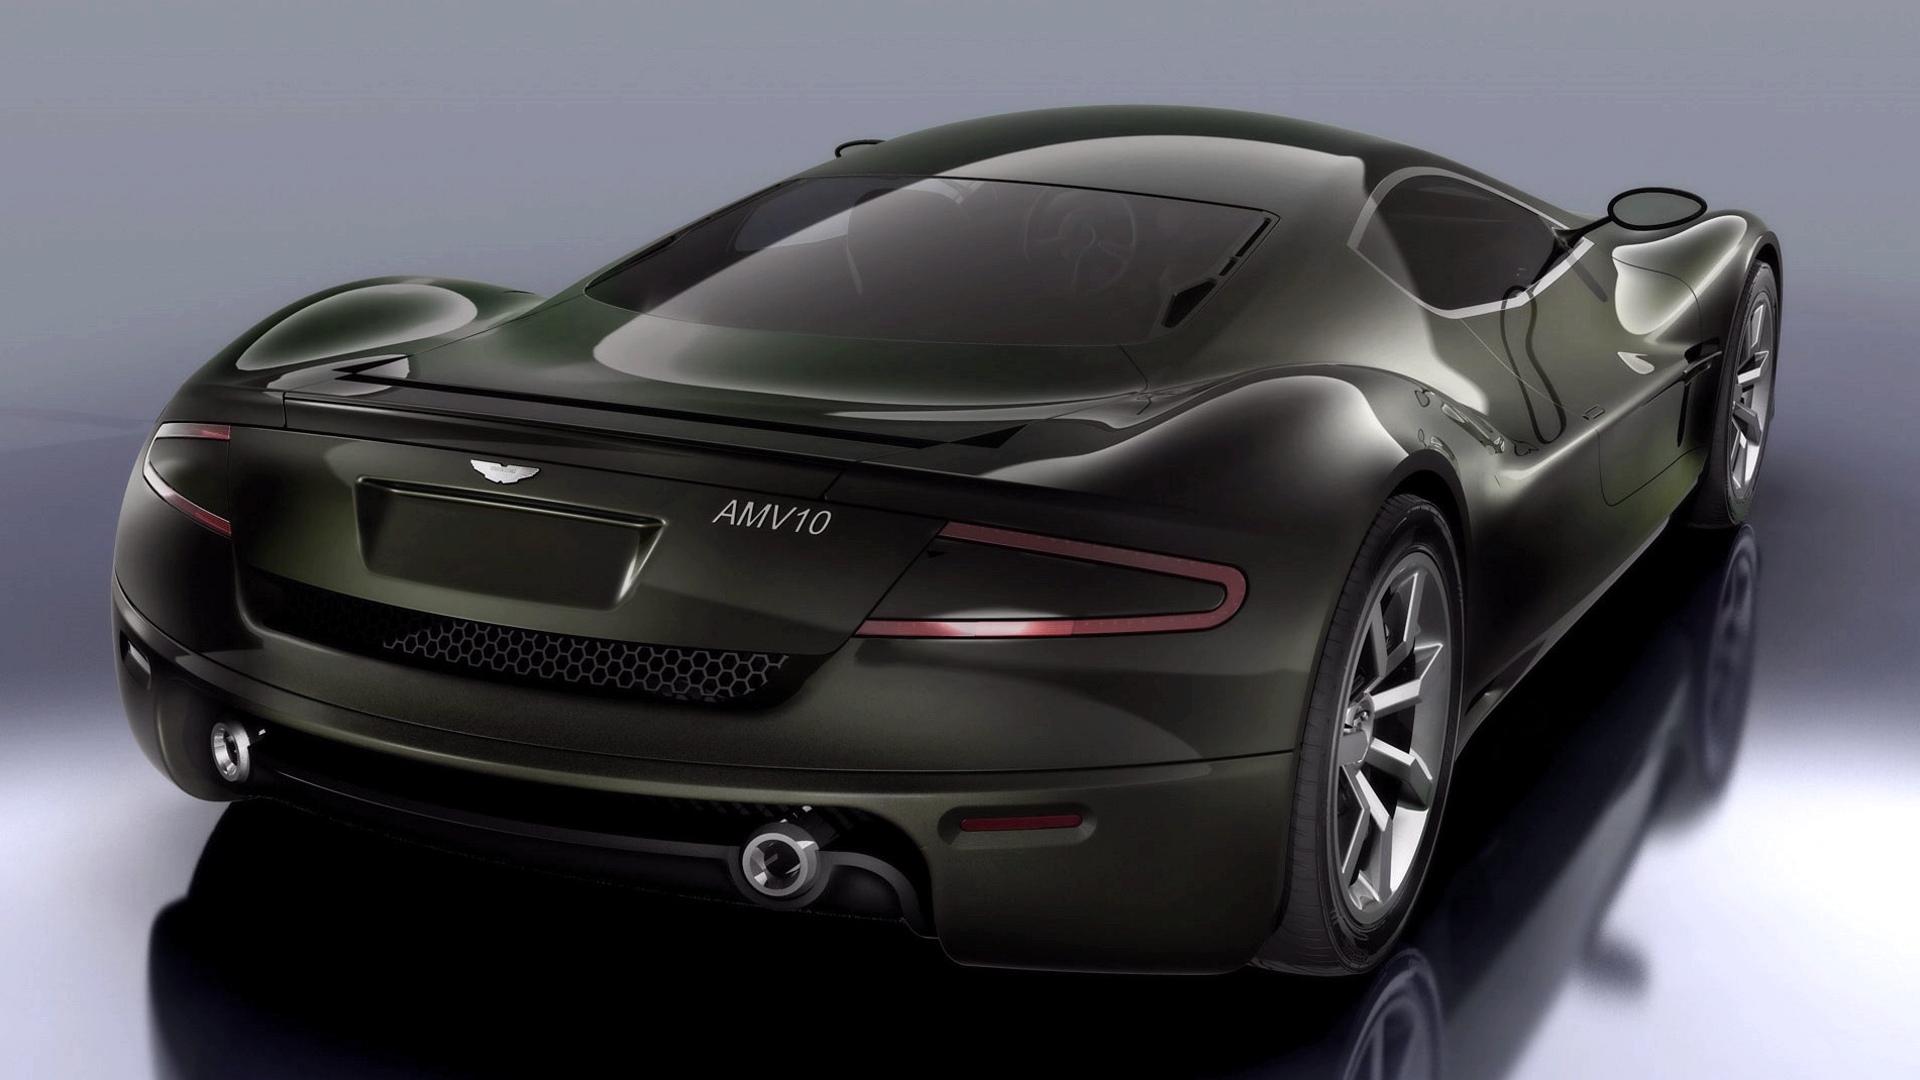 Car Wallpapers: Aston Martin AMV10